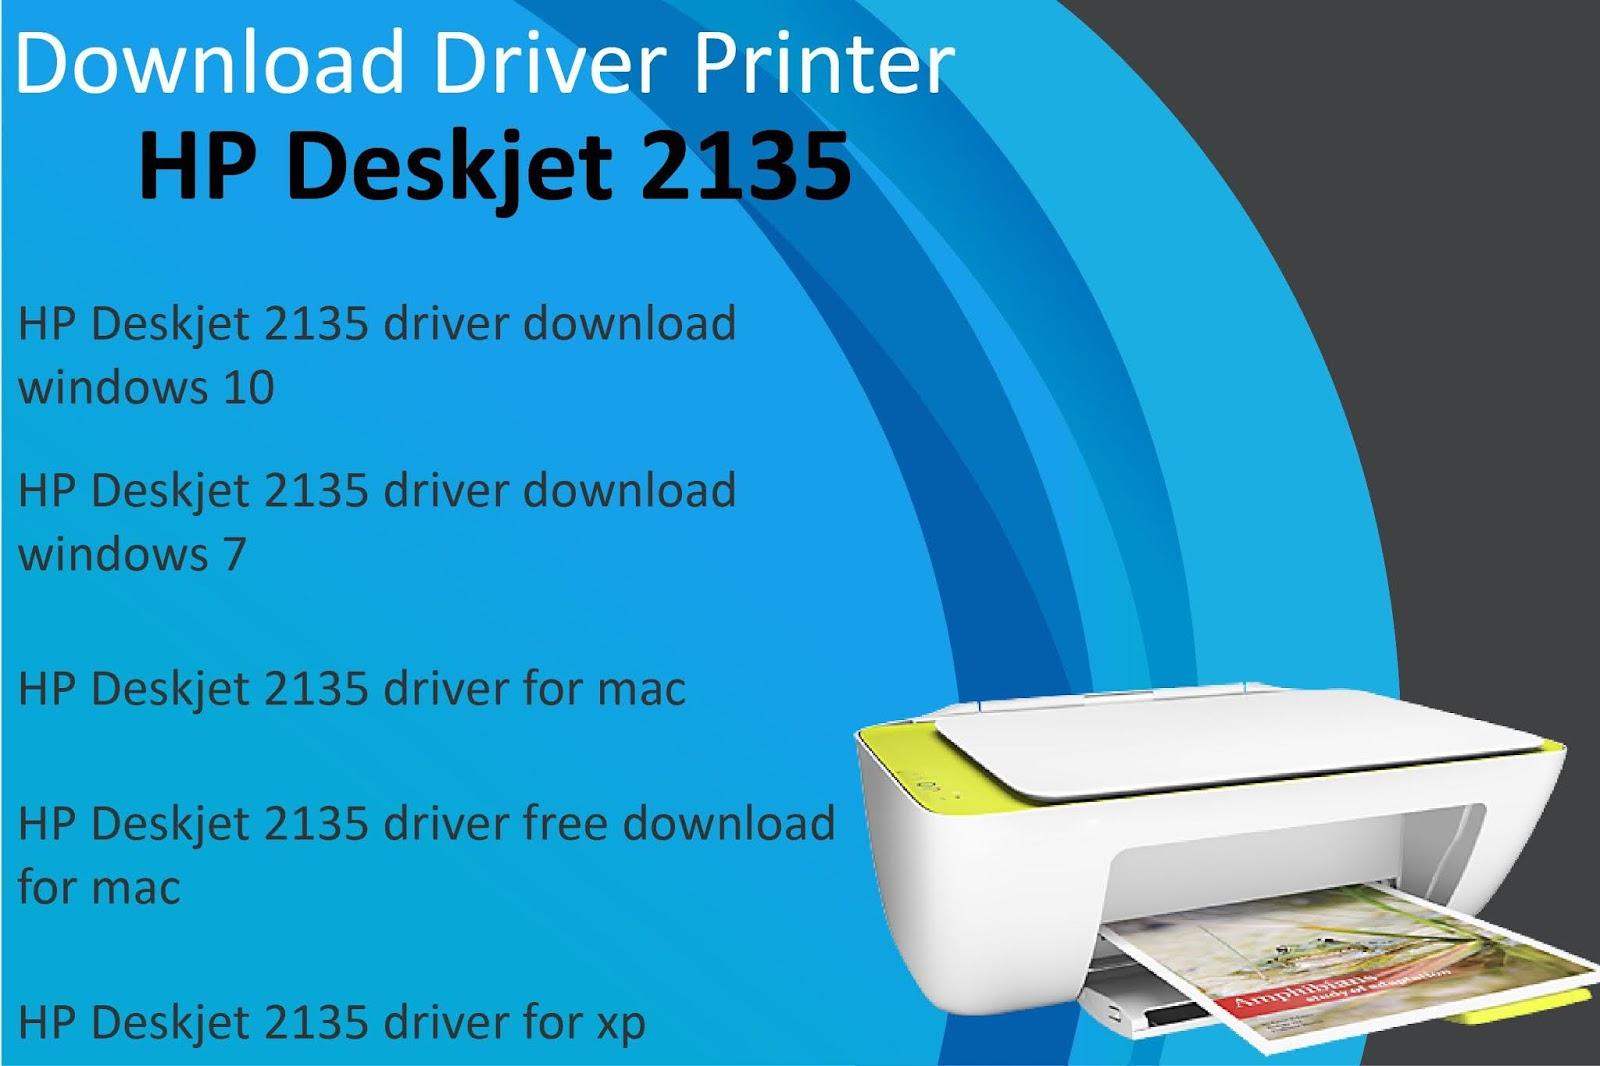 Driver Deskjet 2135 Hp Deskjet 2135 Driver Software Saeed Developer